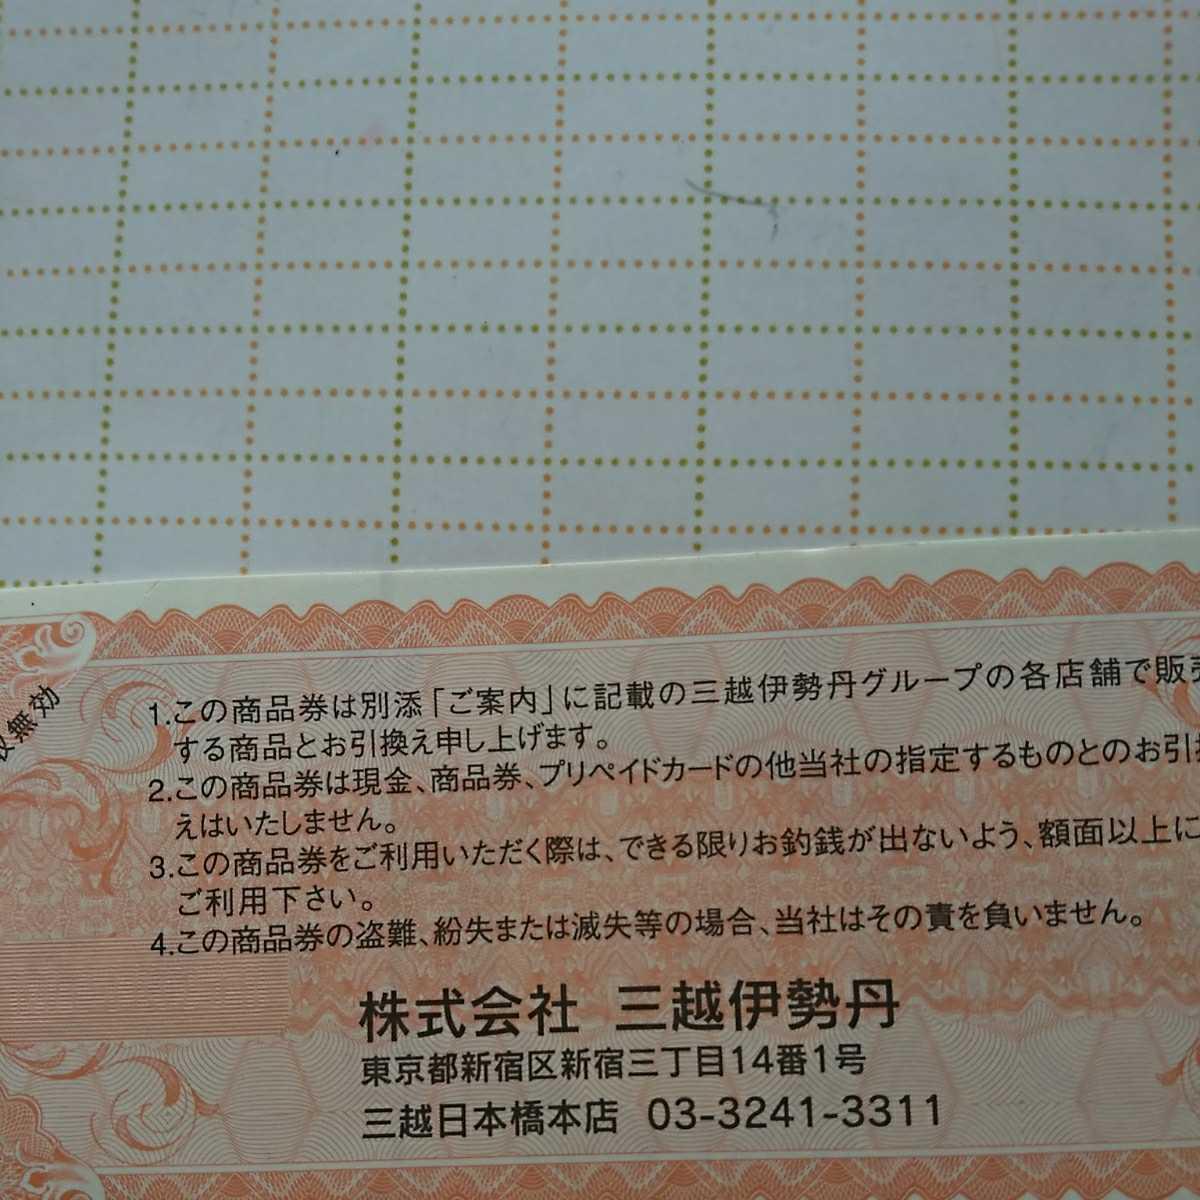 三越百貨店 商品券 1万円 ポイント消費_画像3